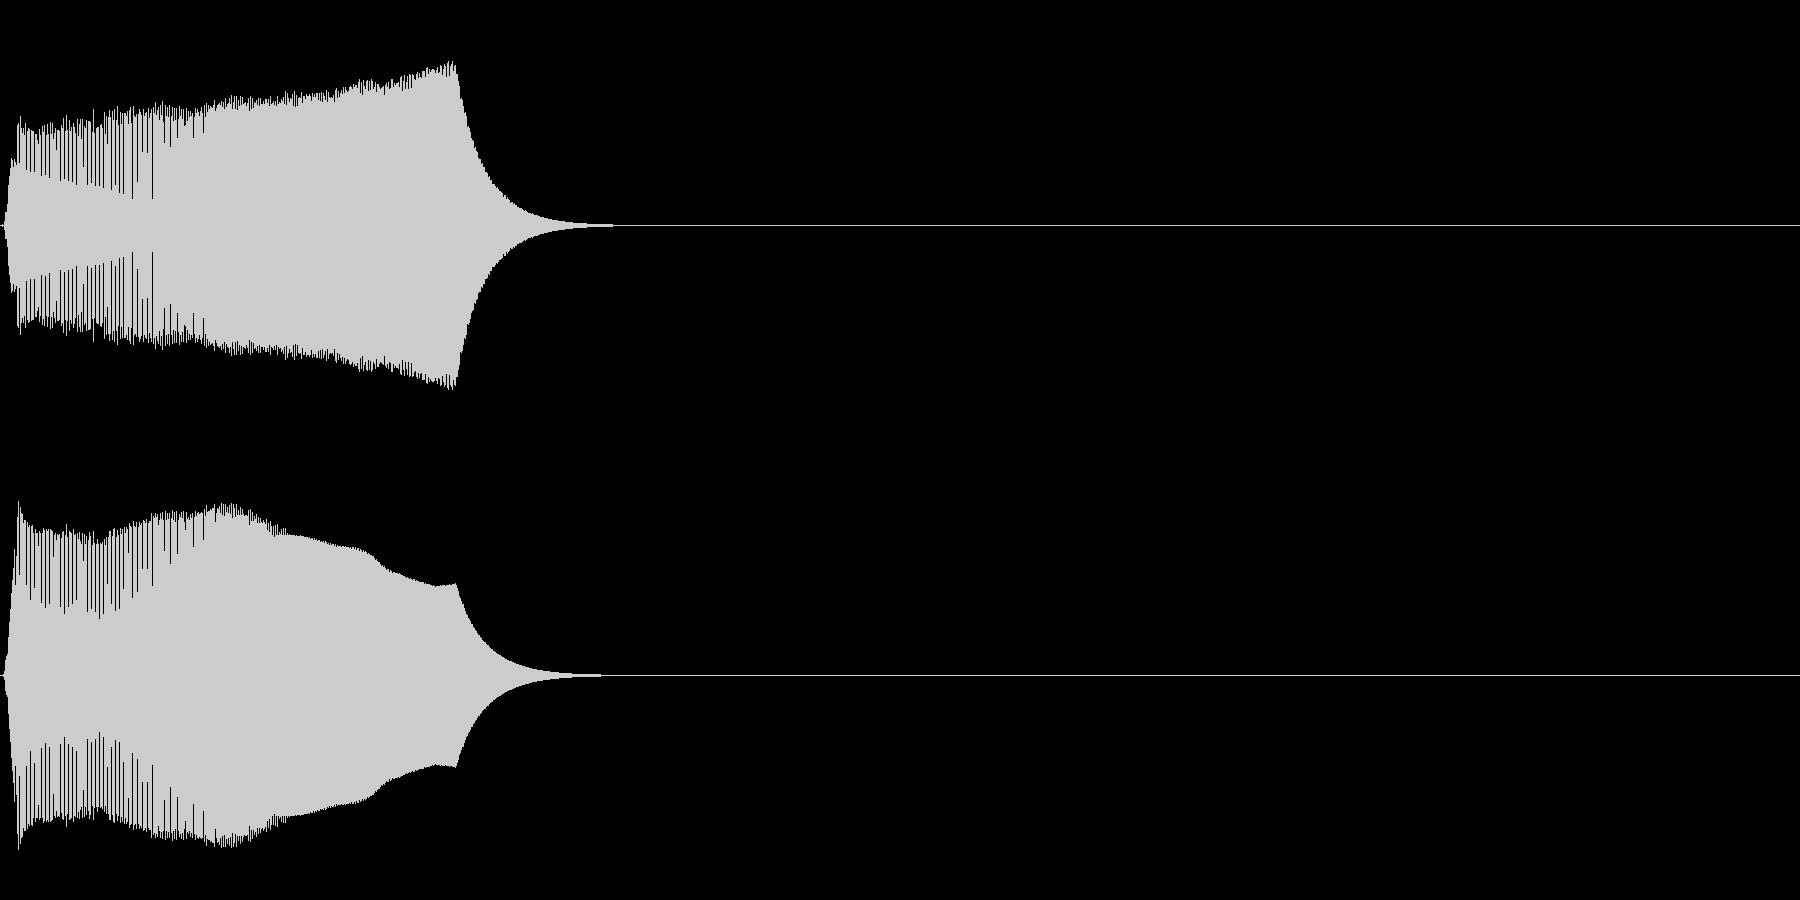 ジャンプ音02(ピヨッ)の未再生の波形